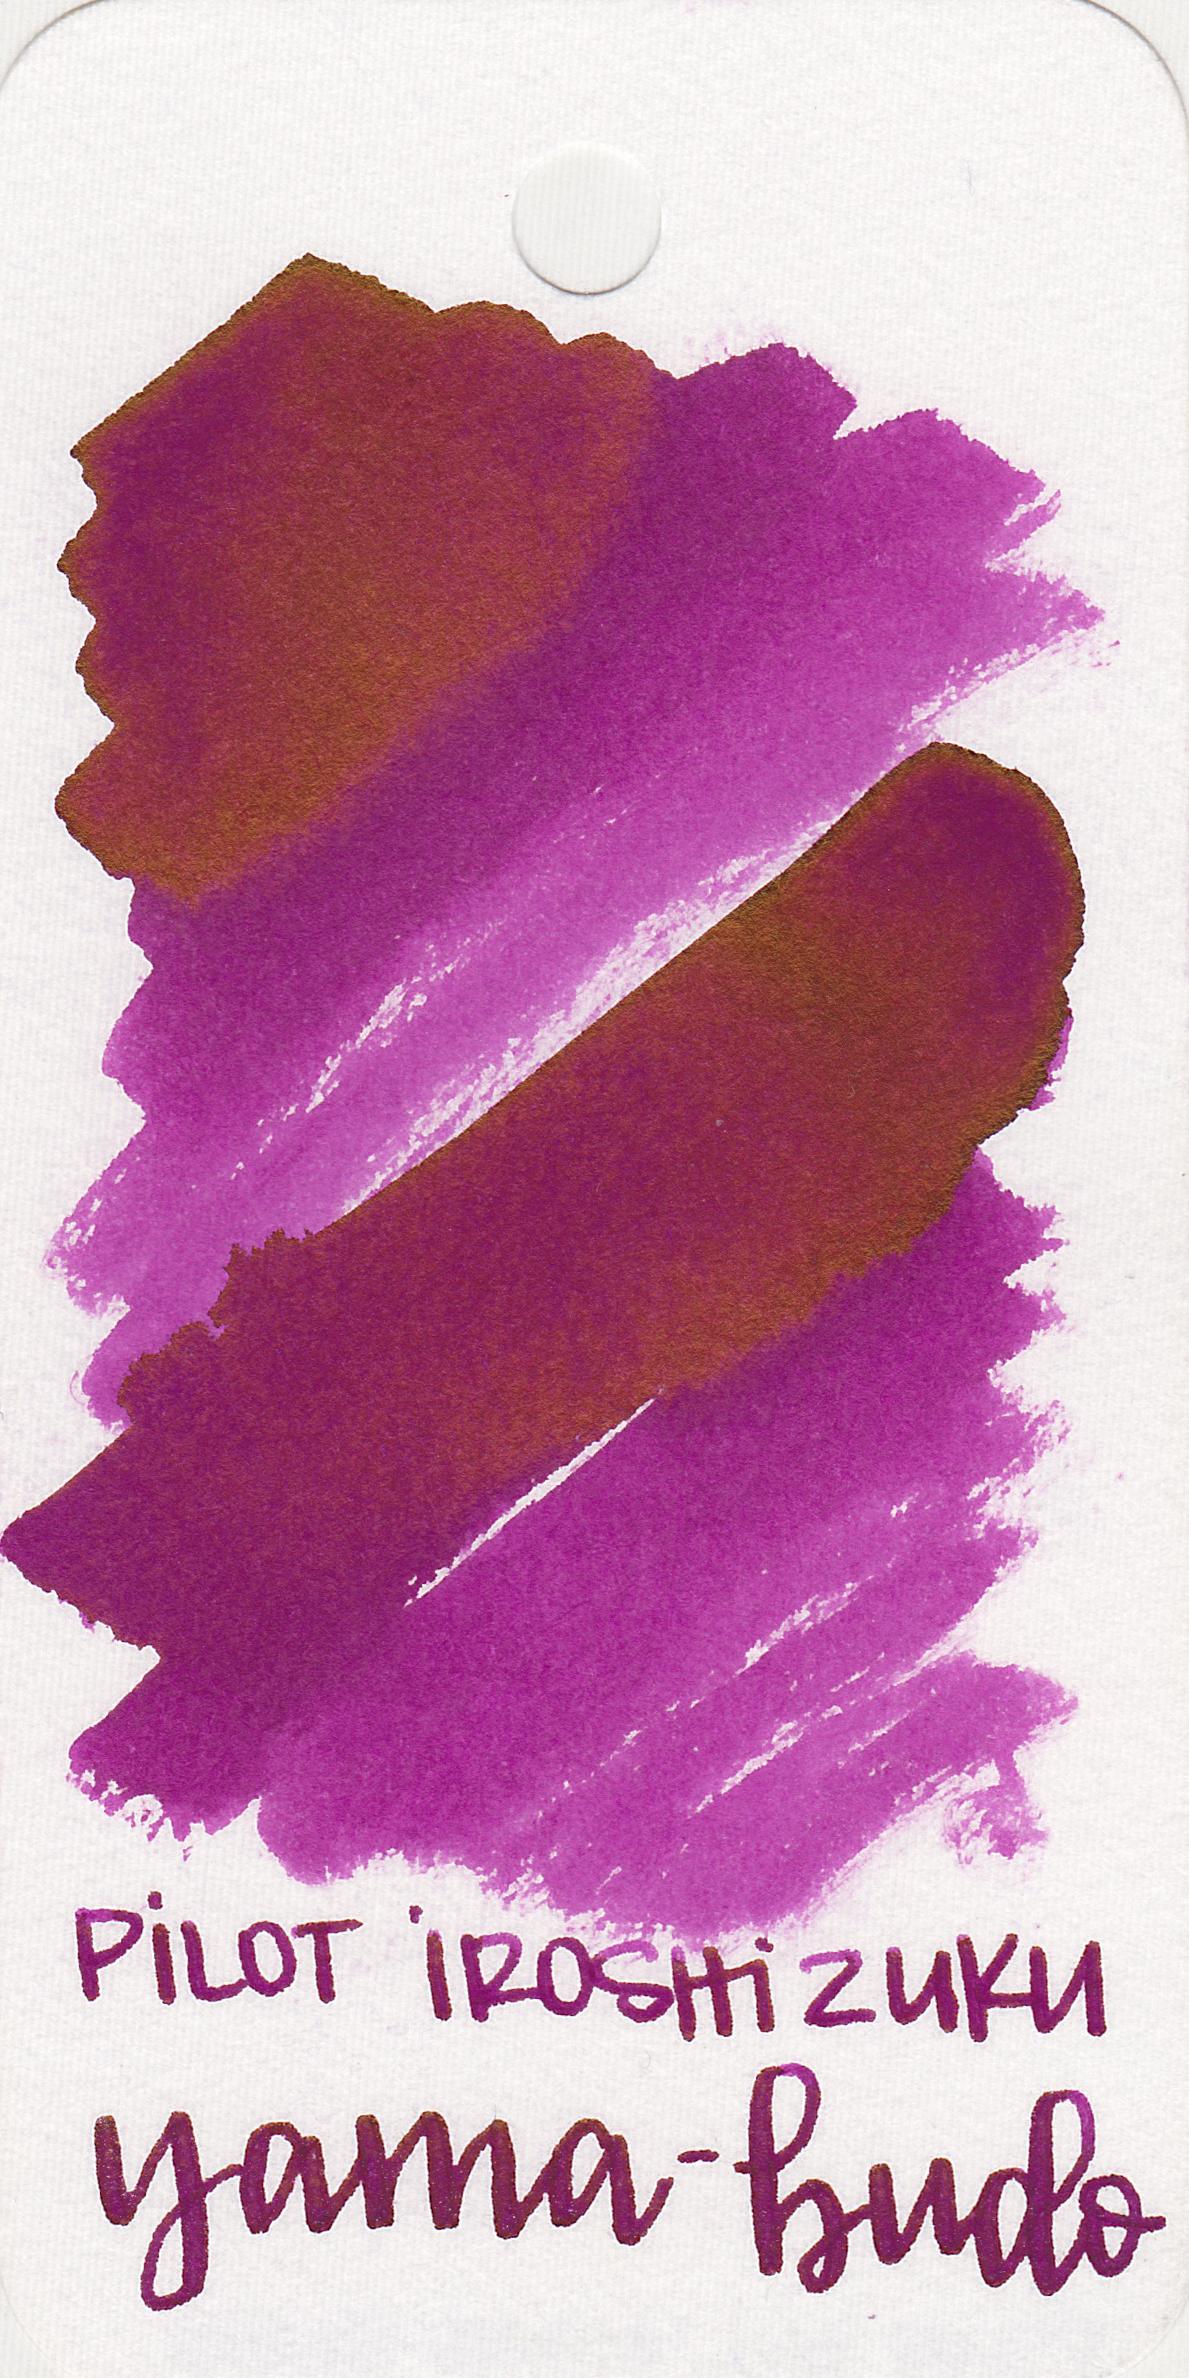 The color: - Yama-budo is a bright, fuchsia purple.